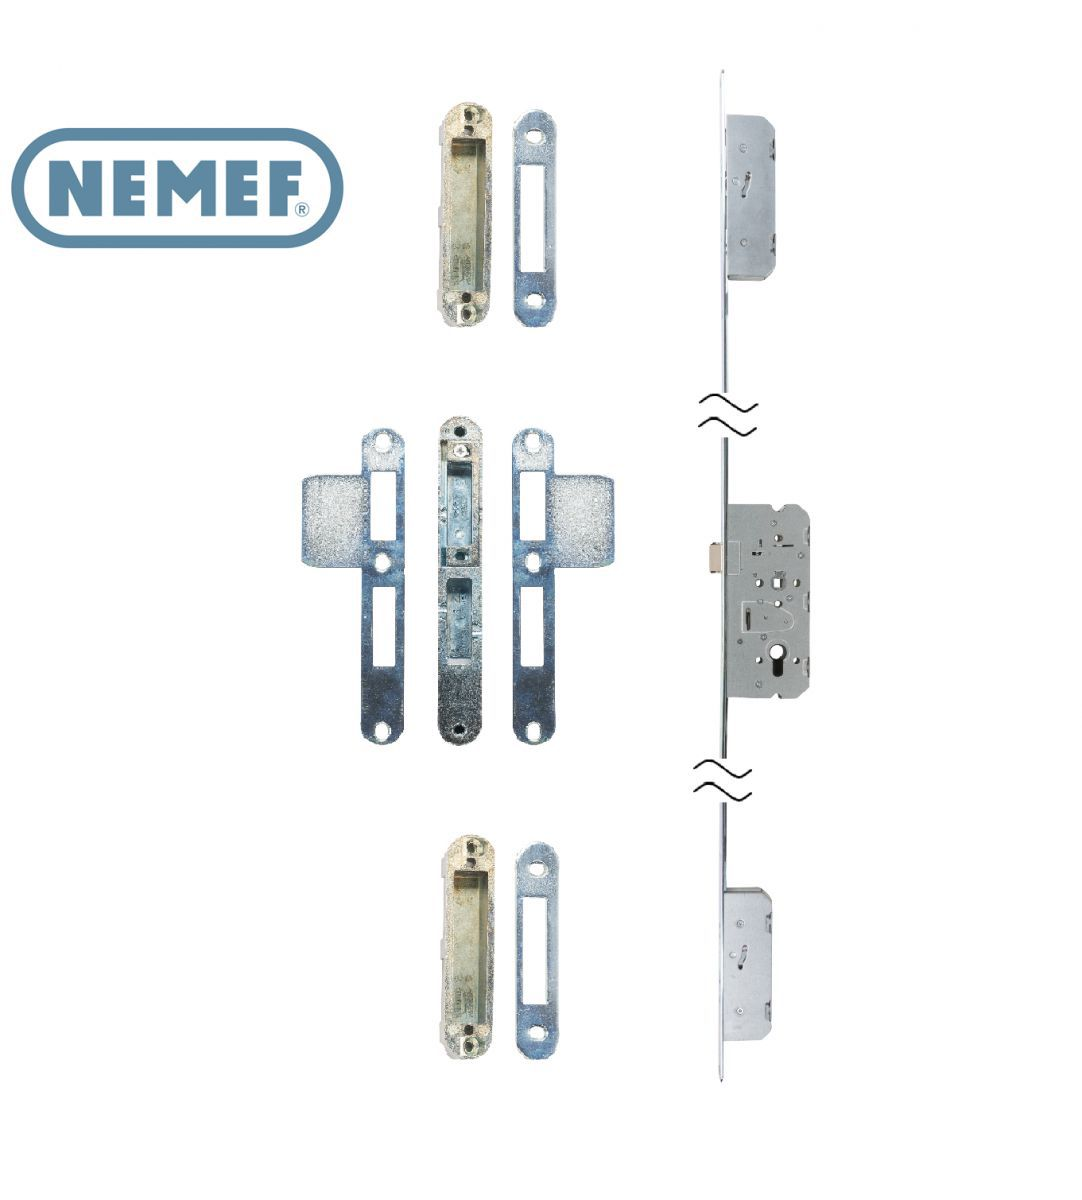 nemef multipoint lock skg cylinder operated